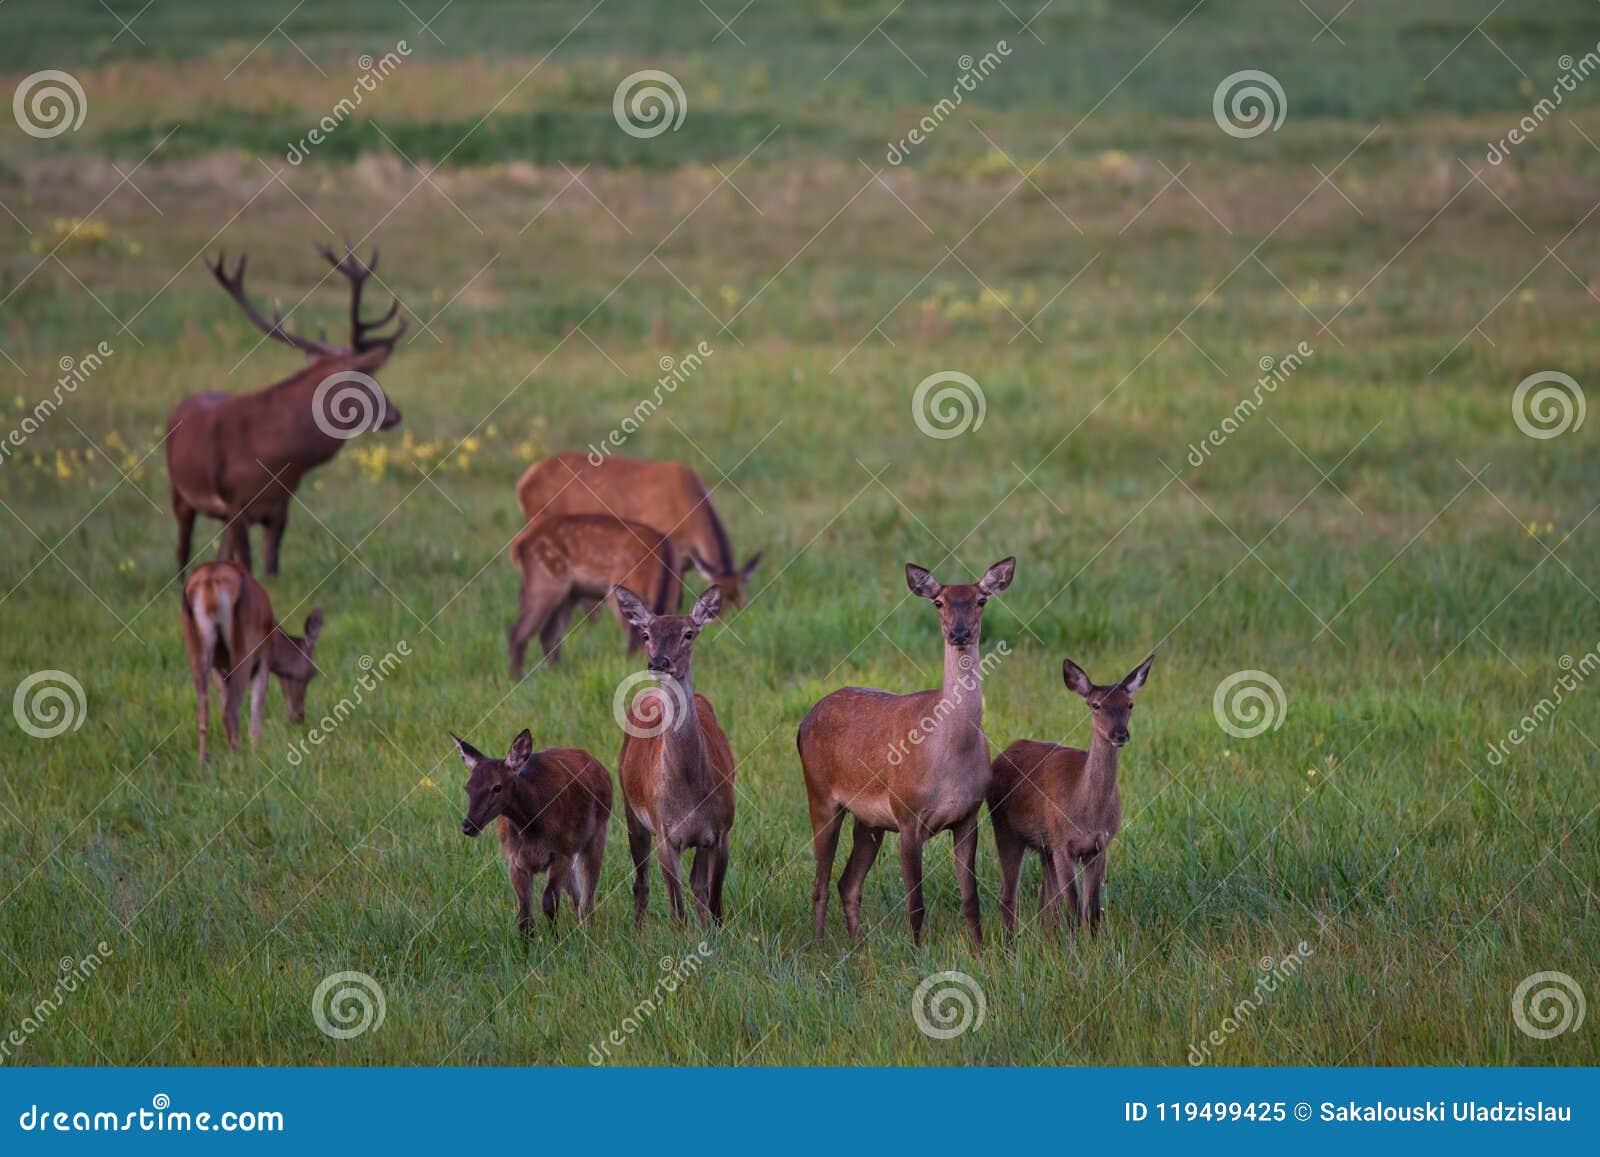 Kudde van Edele Herten Cervidae Graze On een Groene Weide met Paardebloemen Acht Verschillende Leeftijden Rode Herten: Één Mannet